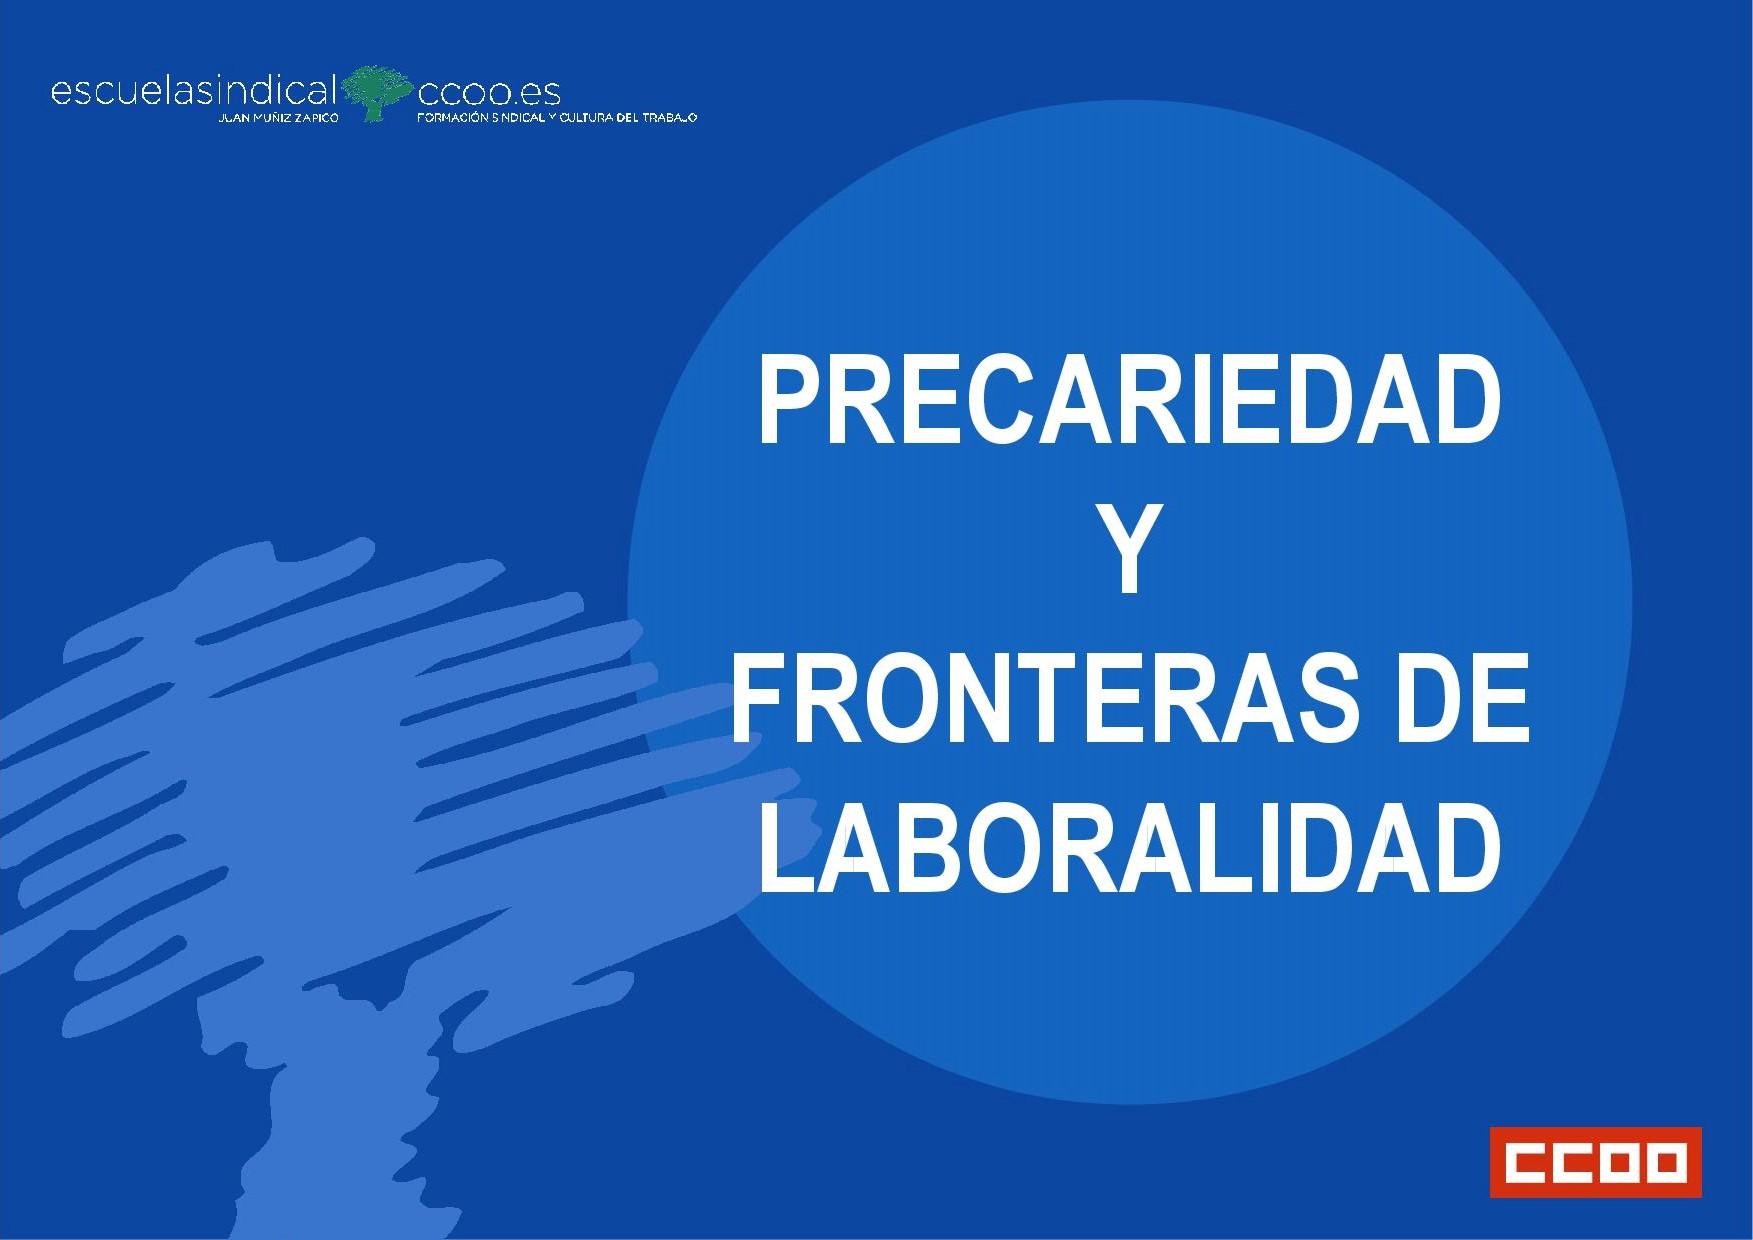 Precariedad y fronteras de laboralidad